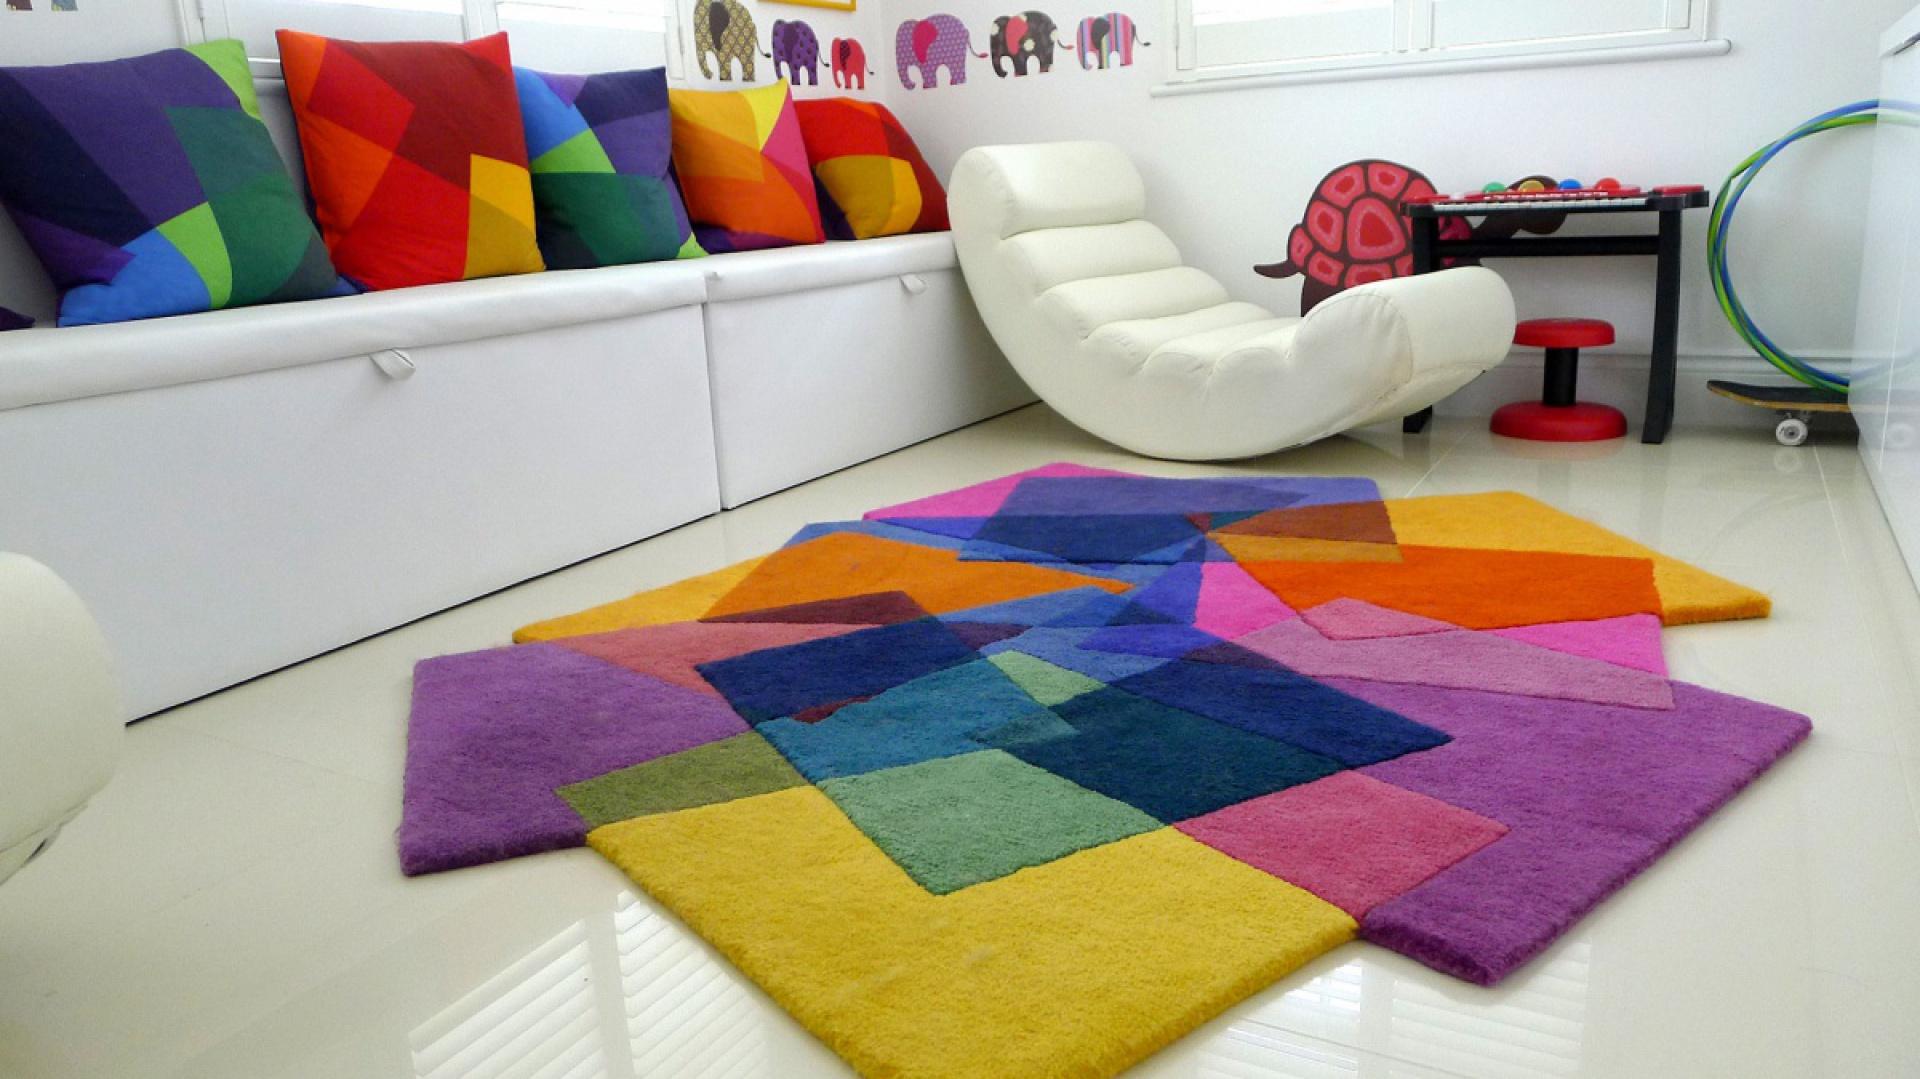 Pictures Of Interior Design Miękki Dywan O Kolorowe Dywany Kt 243 Re Zainspirują